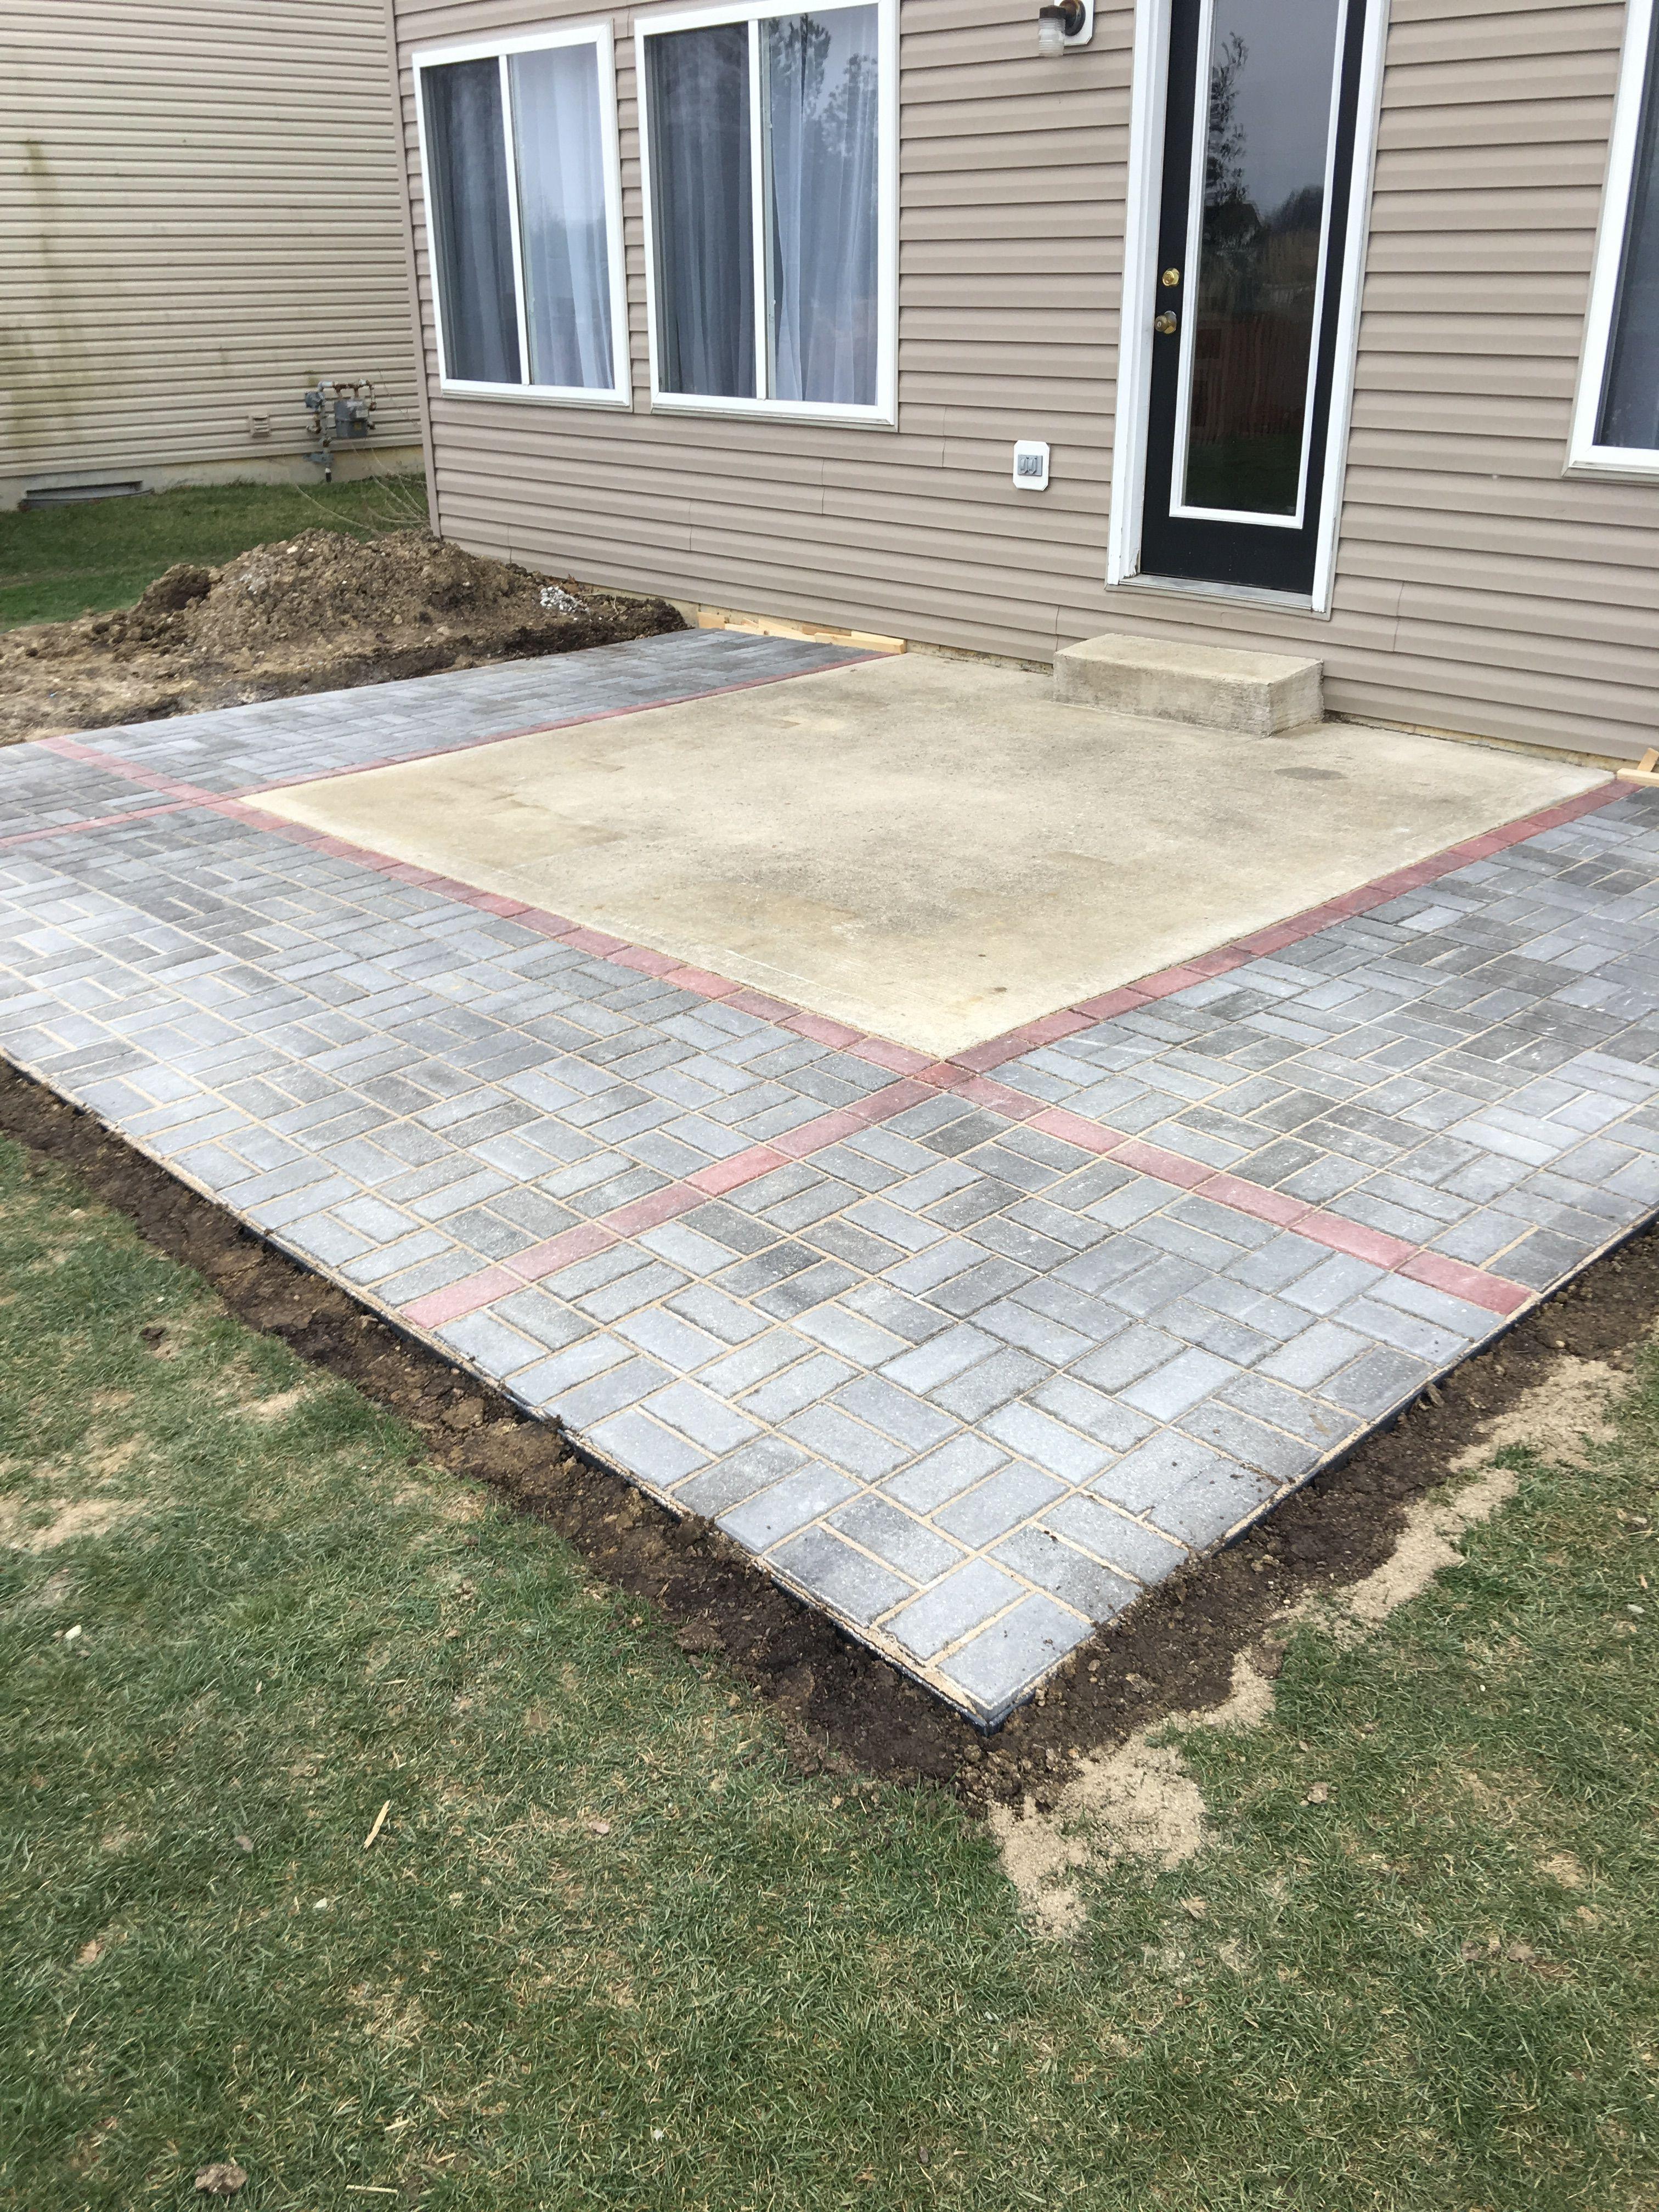 30 Nice Ideas How To Makeover Concrete Patio For Small Backyards Simphome Concrete Patio Diy Concrete Patio Concrete Patio Designs